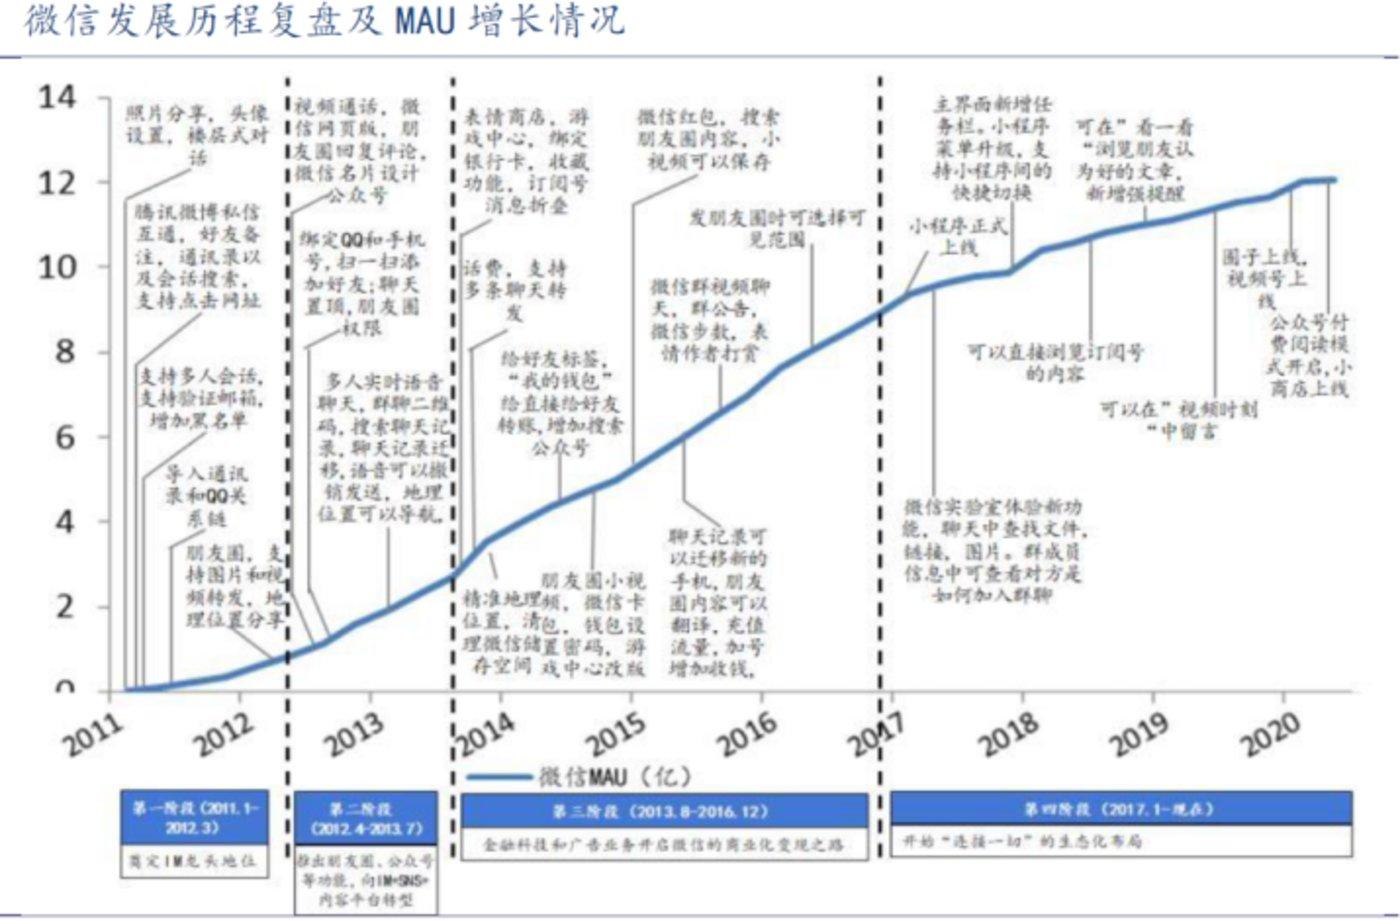 图片来源:太平洋证券